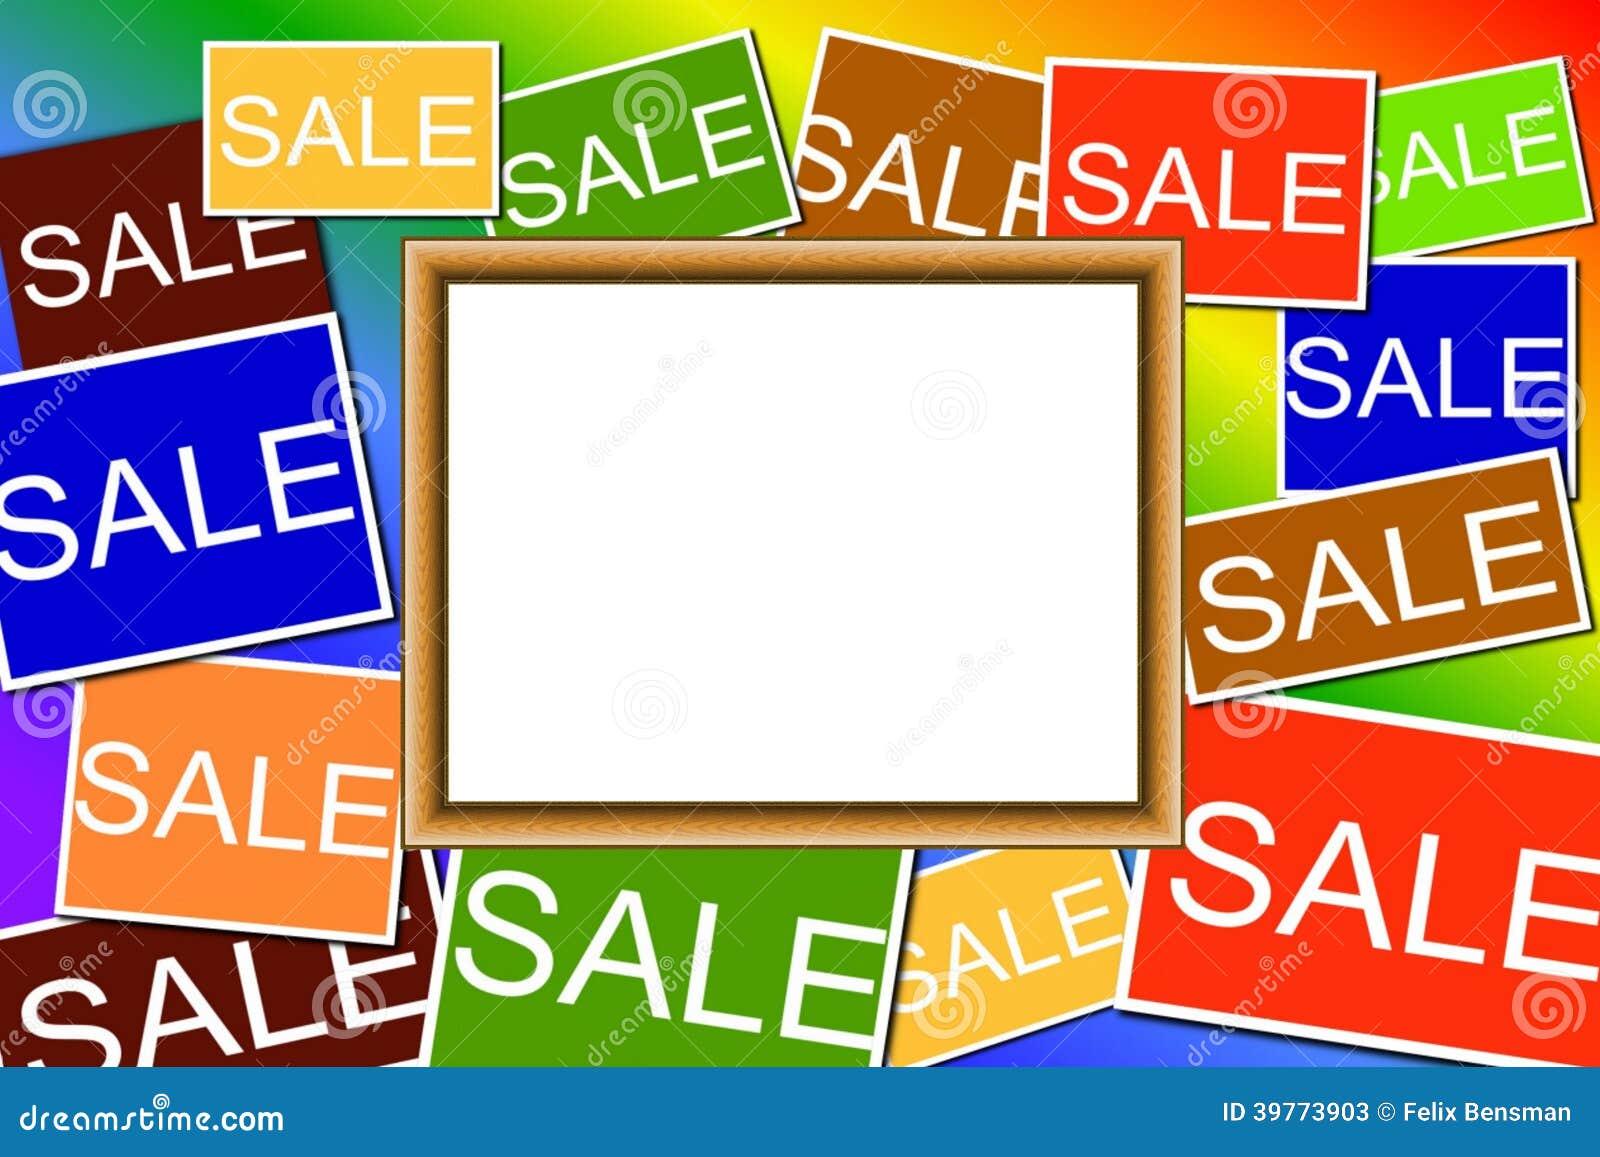 Multi colored Sale signs